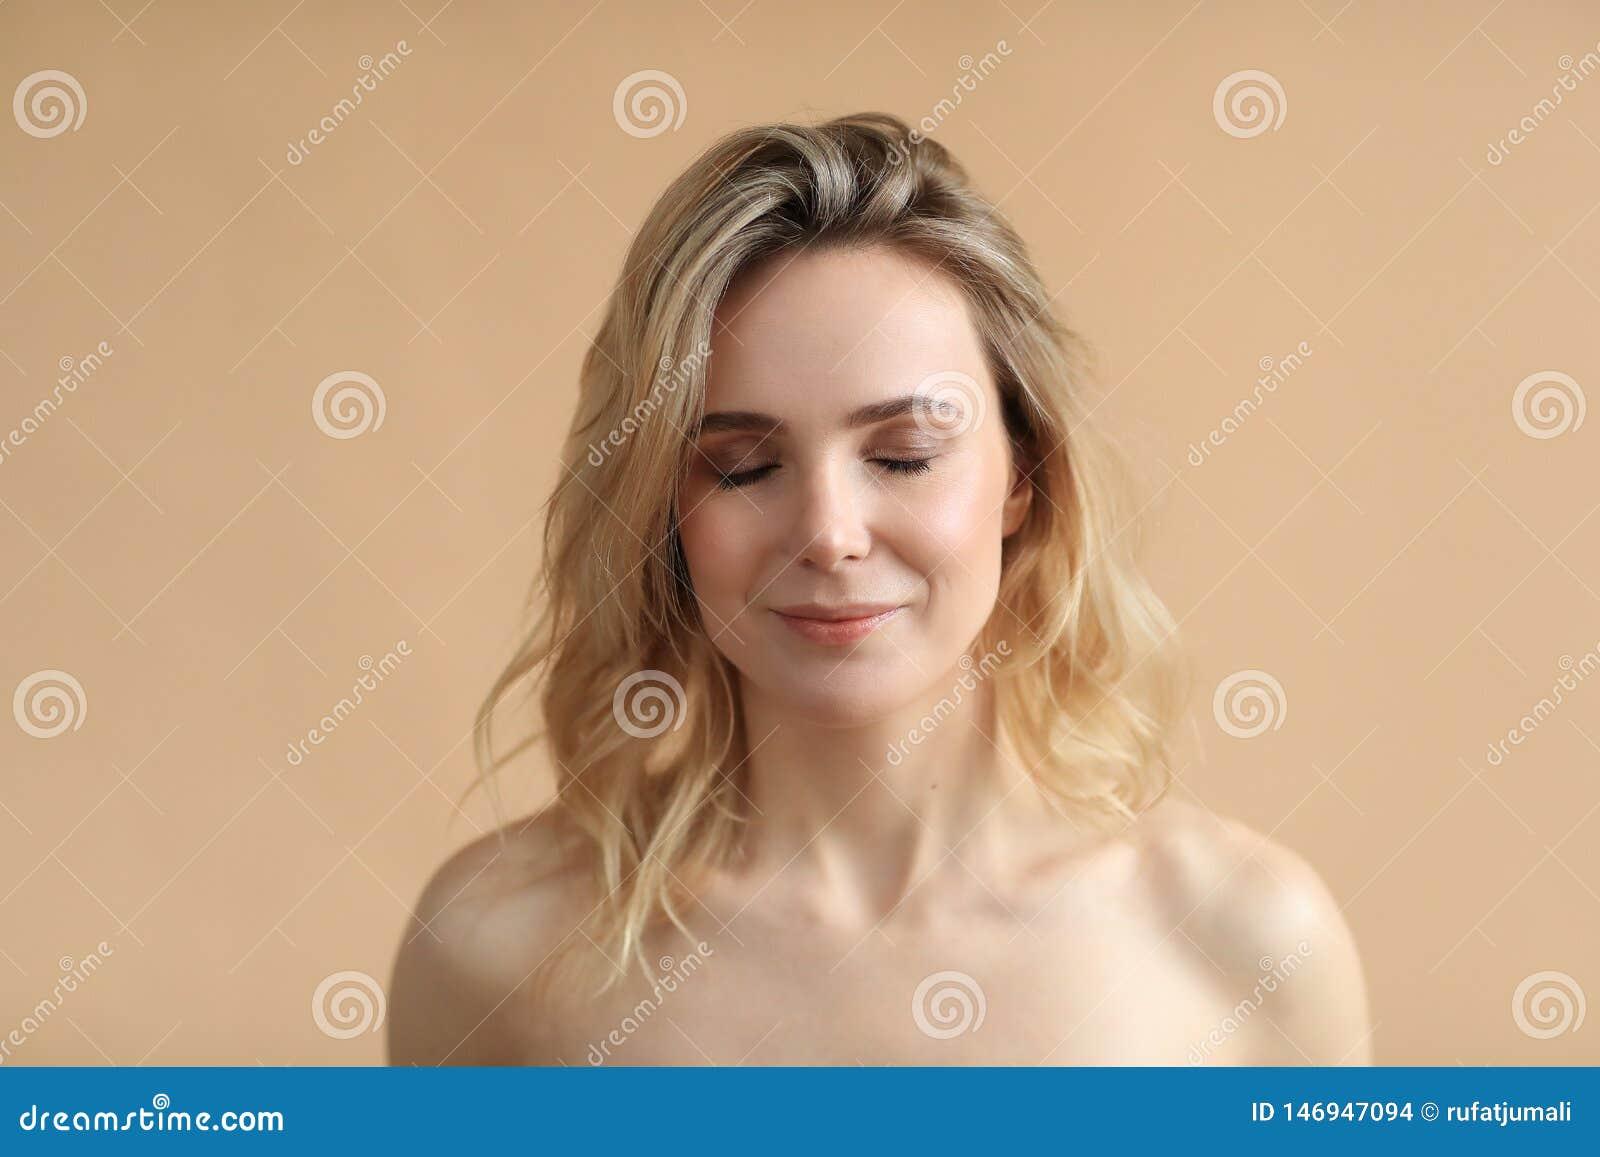 Bellezza femminile in primo piano